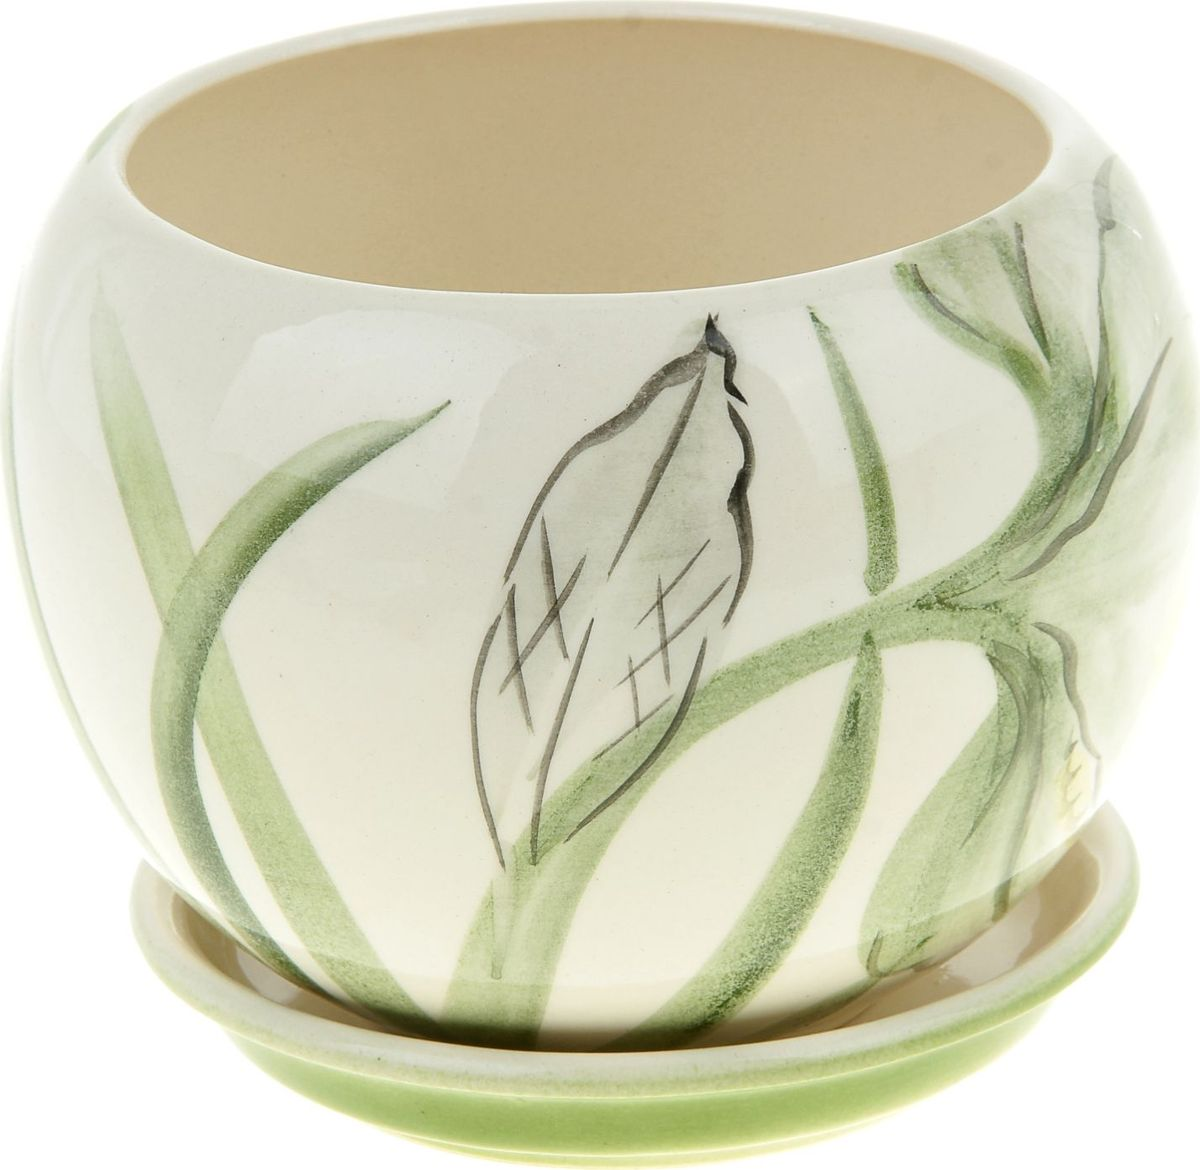 Кашпо Керамика ручной работы Шар. Нарцисс, цвет: белый, 1,4 л835641Комнатные растения - всеобщие любимцы. Они радуют глаз, насыщают помещение кислородом и украшают пространство. Каждому из них необходим свой удобный и красивый дом. Кашпо из керамики прекрасно подходят для высадки растений:- пористый материал позволяет испаряться лишней влаге;- воздух, необходимый для дыхания корней, проникает сквозь керамические стенки. Кашпо Шар. Нарцисс позаботится о зеленом питомце, освежит интерьер и подчеркнет его стиль.